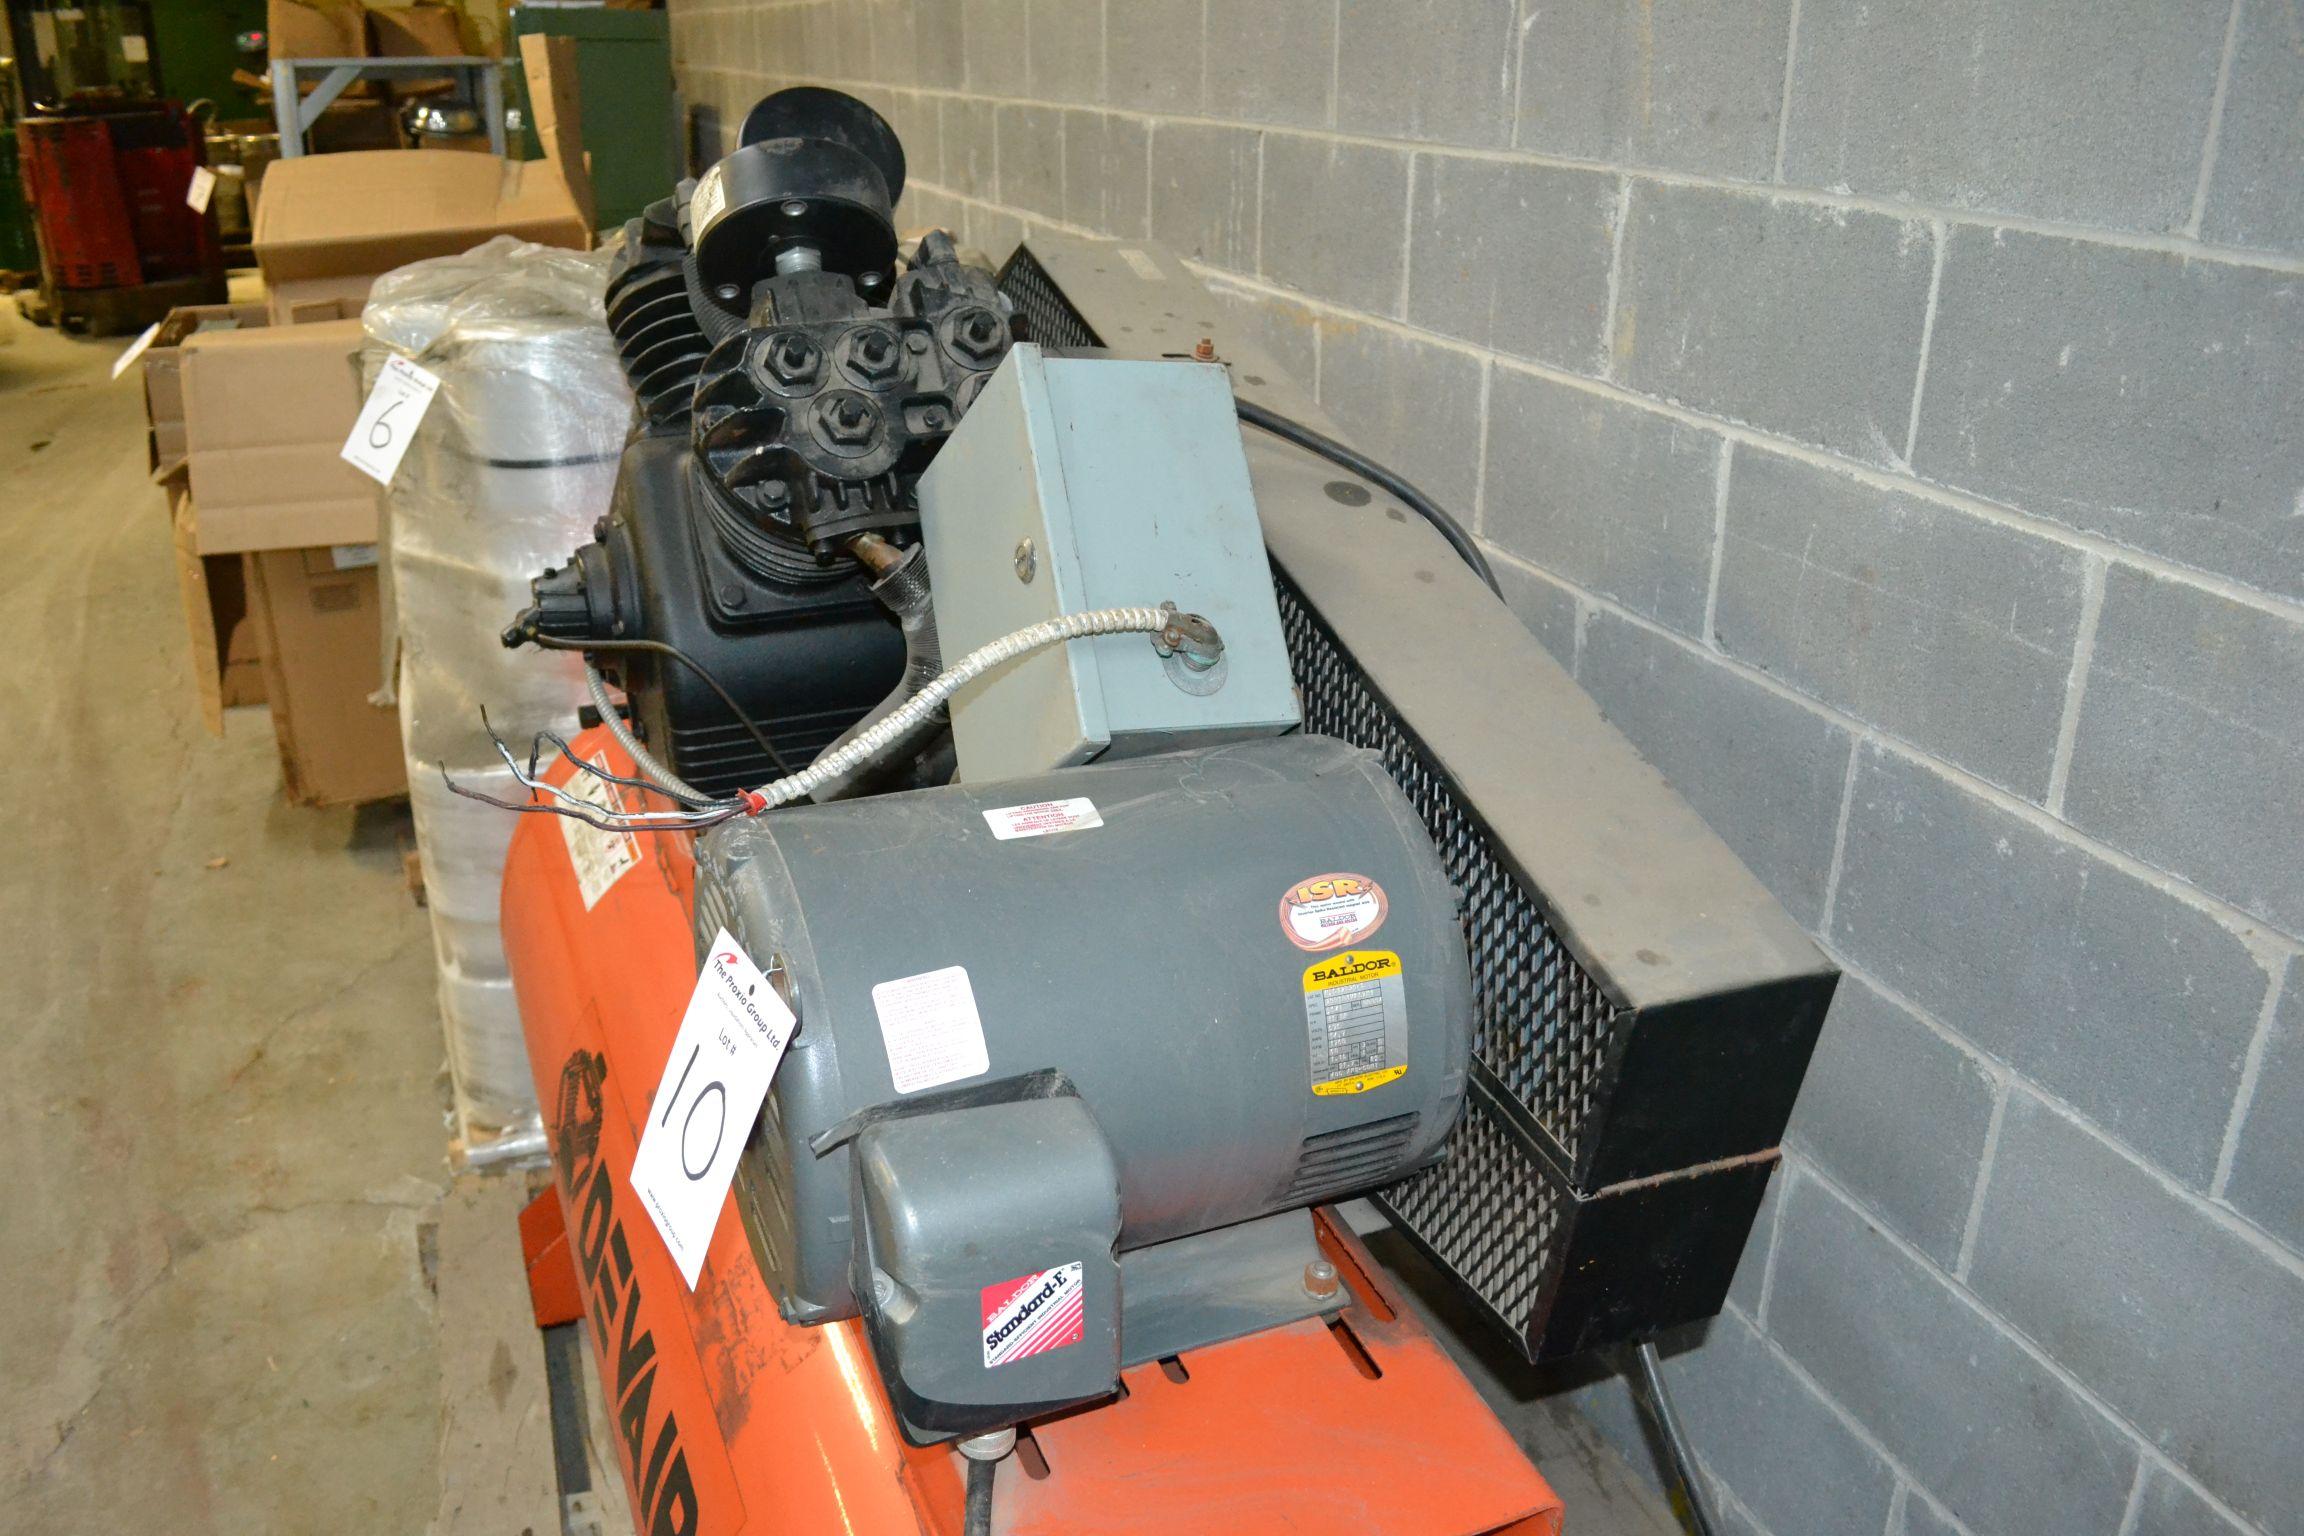 Lot 10 - Devair Air compressor, 15 HP, 575Volts, model 447